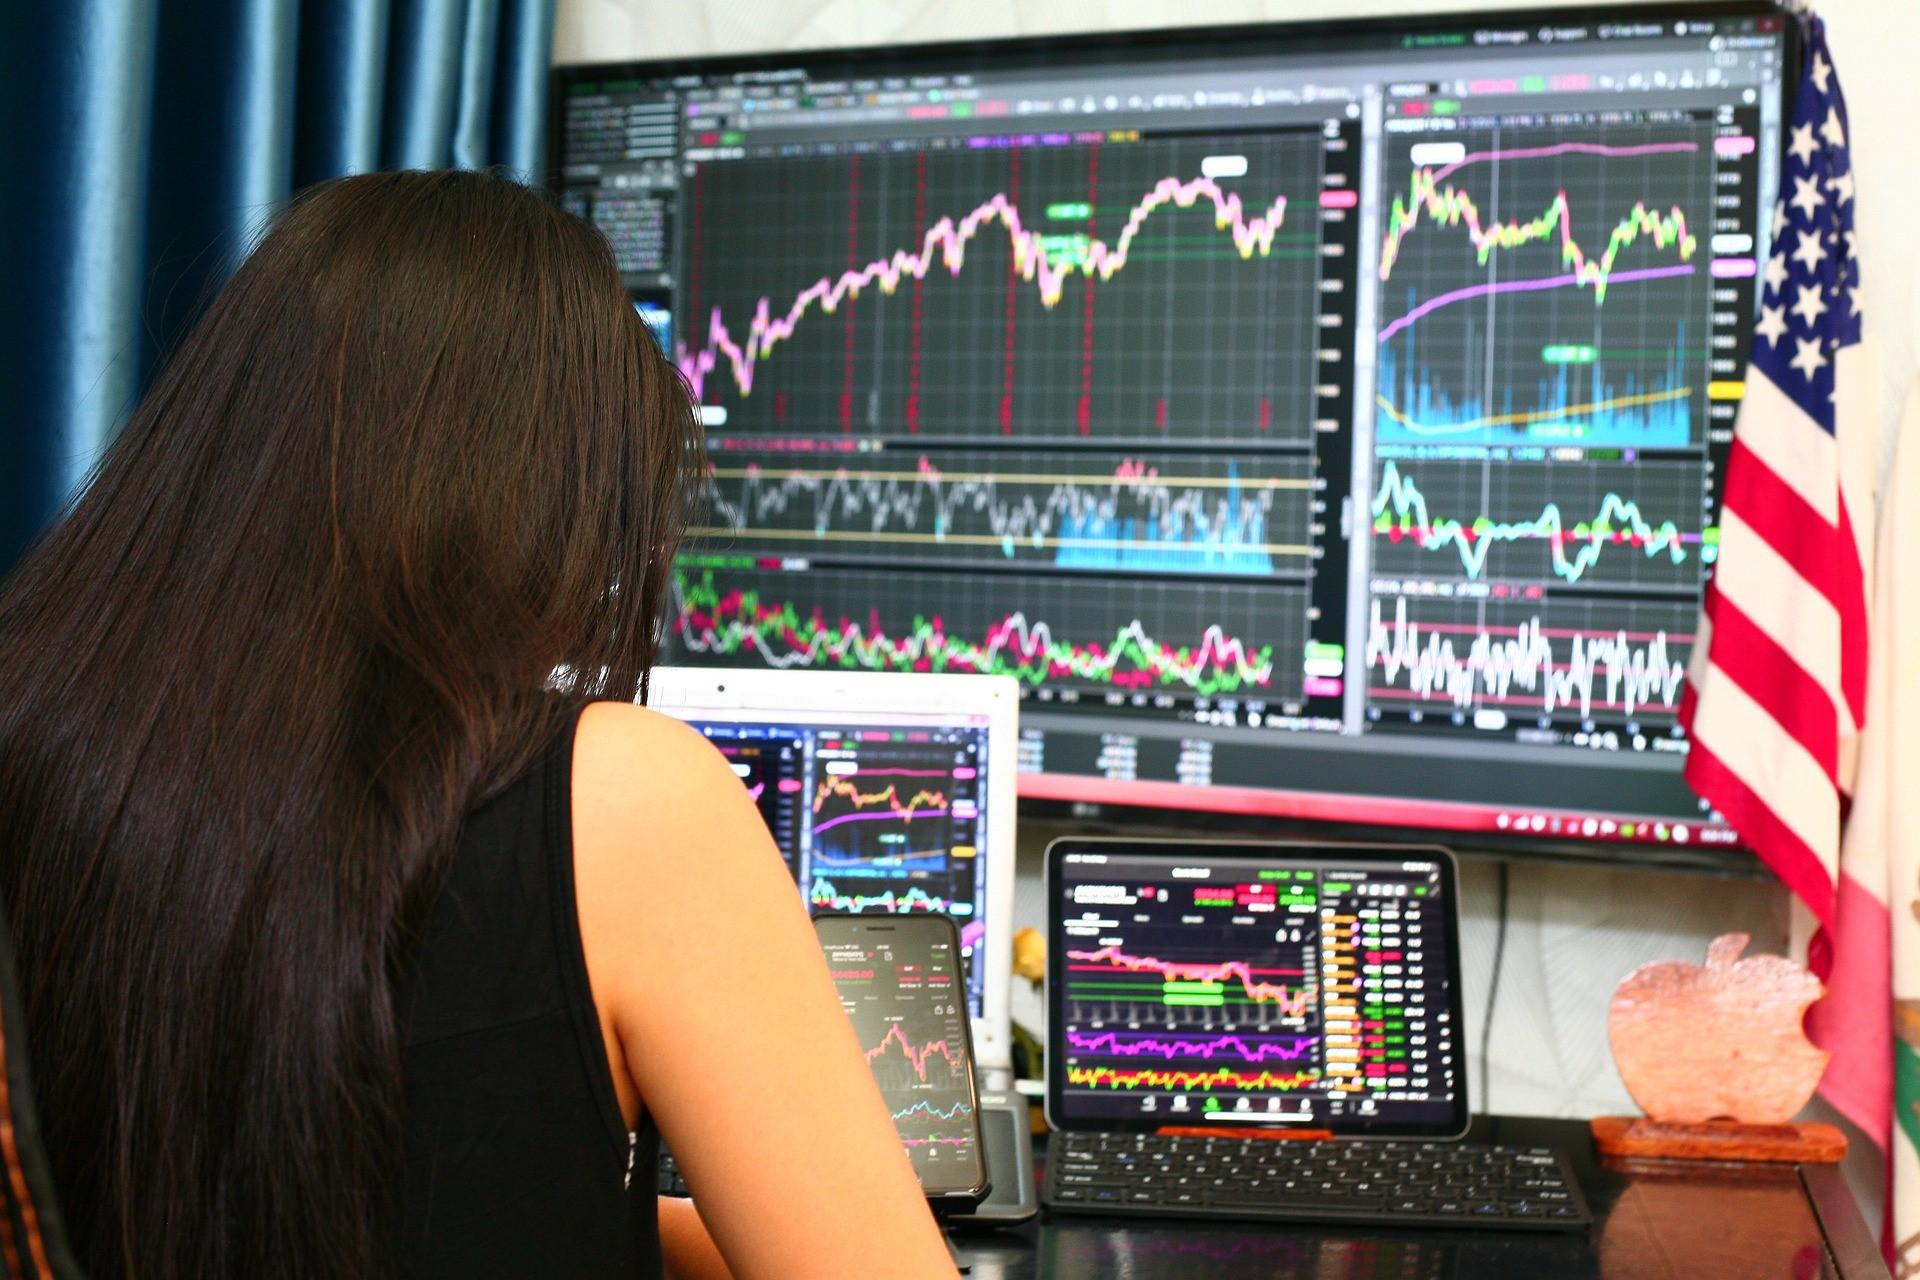 Amplify Digital & Online Trading ETF (BIDS ETF) är en portfölj av företag som är engagerade i den växande trenden med digitala tillgångar och onlineinvesteringar.